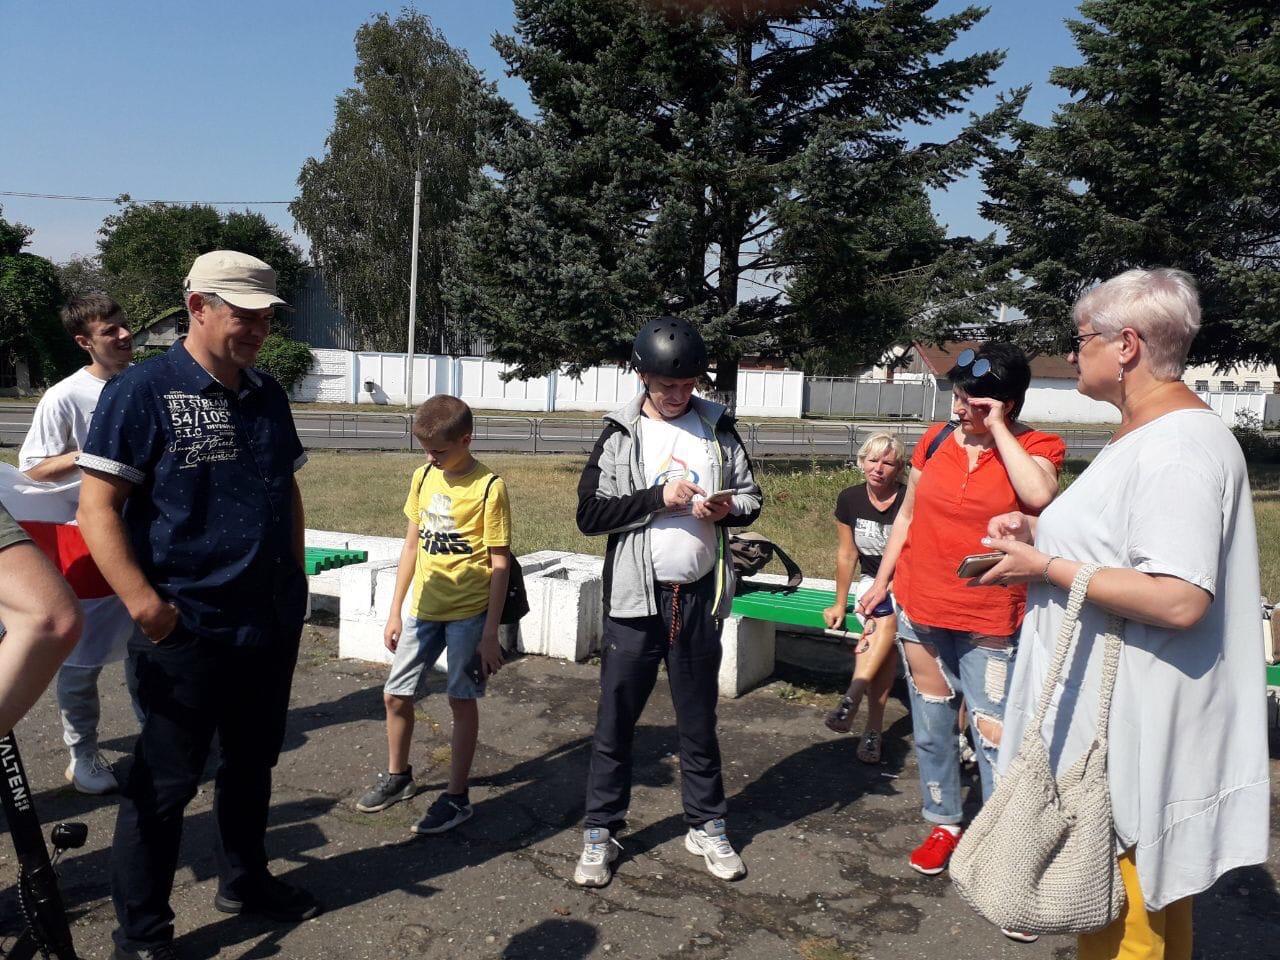 Горожане собираются на Марш мира и независимости в Барановичах. Фото: Татьяна МАЛЕЖ